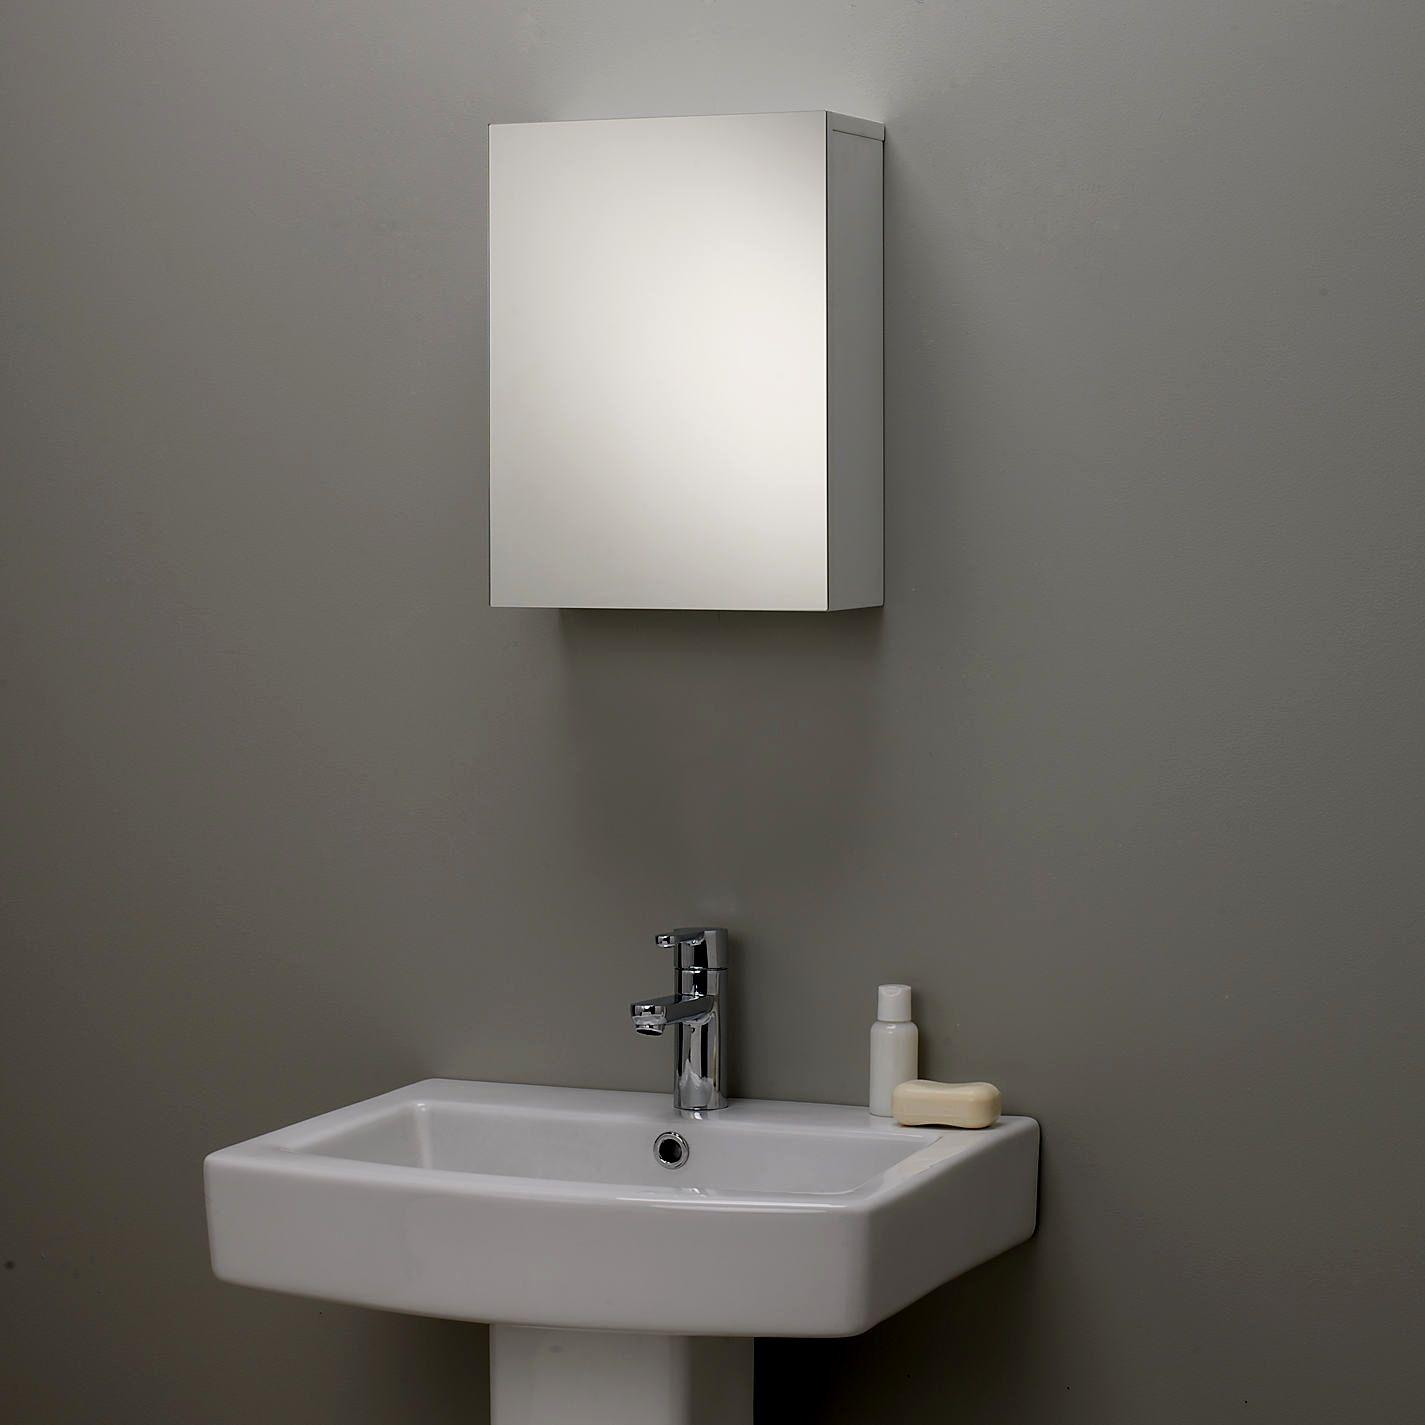 lovely 20 bathroom vanity layout-Sensational 20 Bathroom Vanity Model